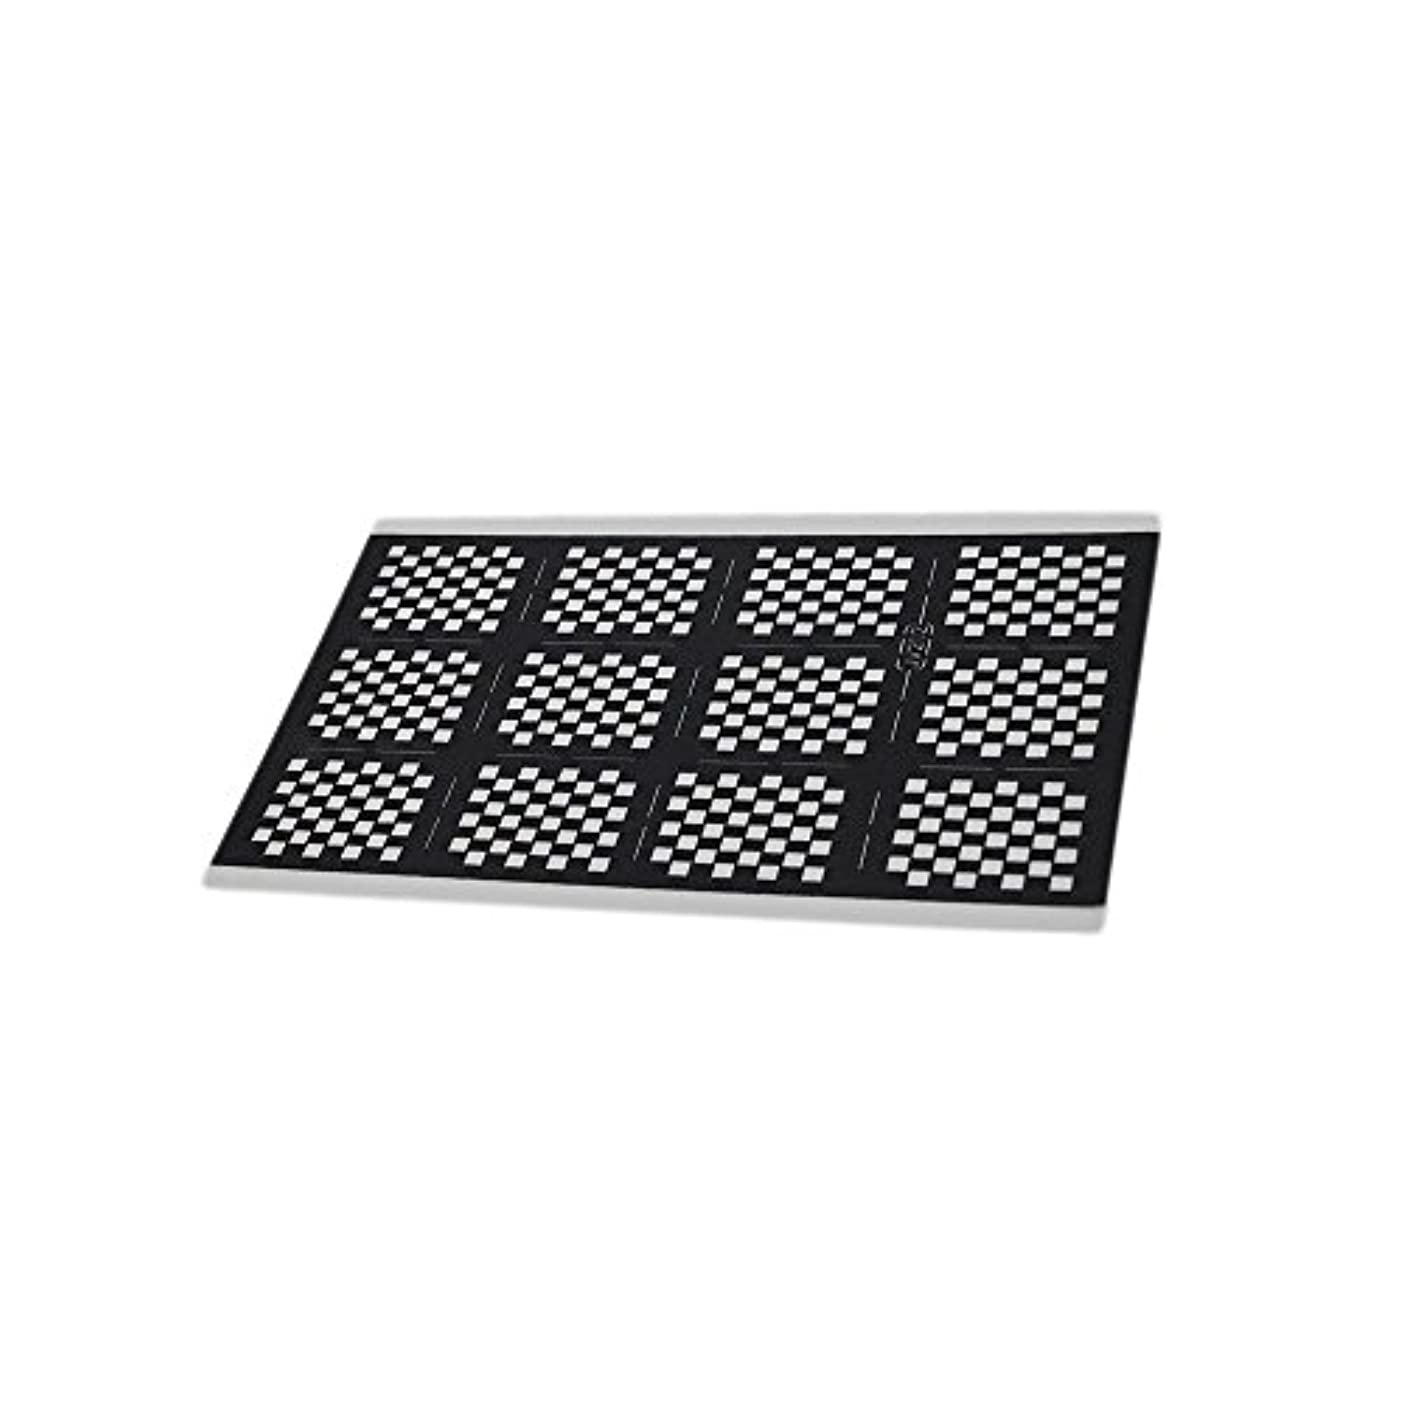 限りなく面白いシャイNina ネイルステッカー 【12.5cm×7.5cm ブラック ブロックチェック 2枚セット】市松模様 ネイルシール テープ デコパーツ クラフト素材